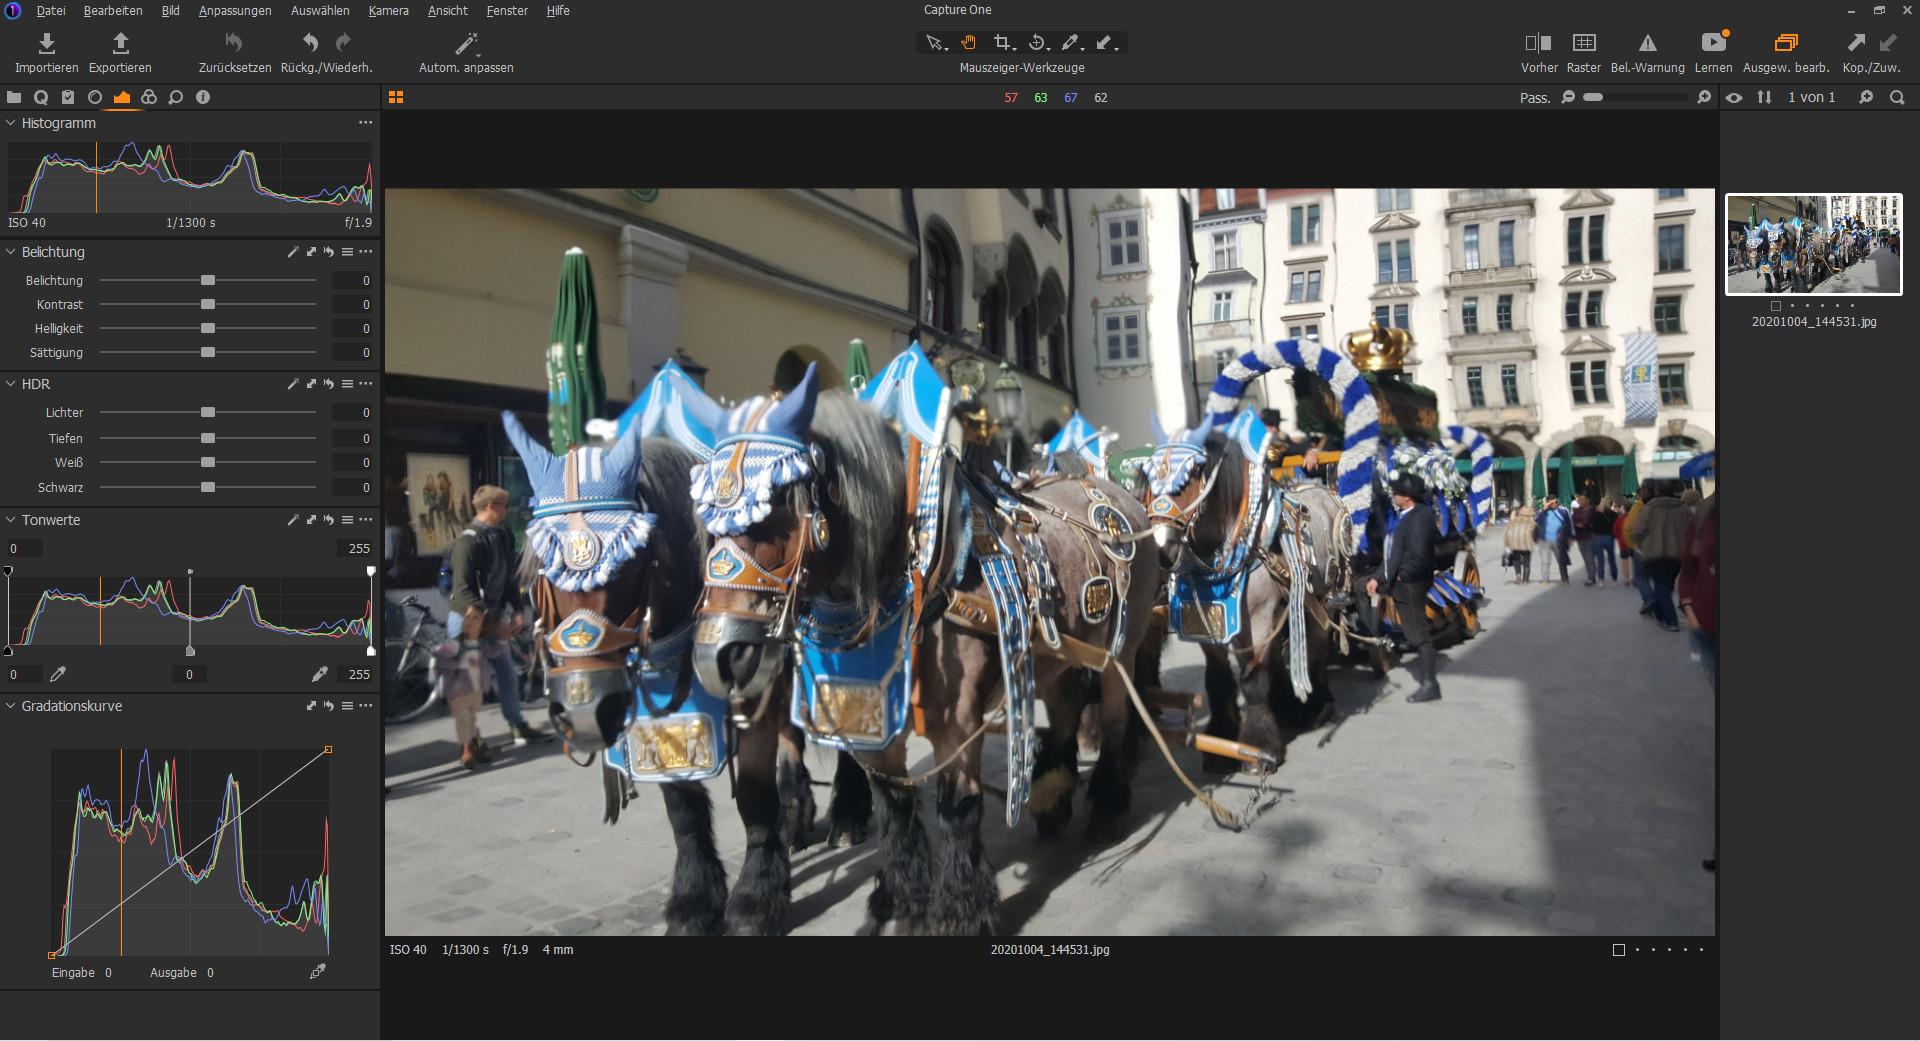 Screenshot 1 - Capture One Express für Sony-Kameras